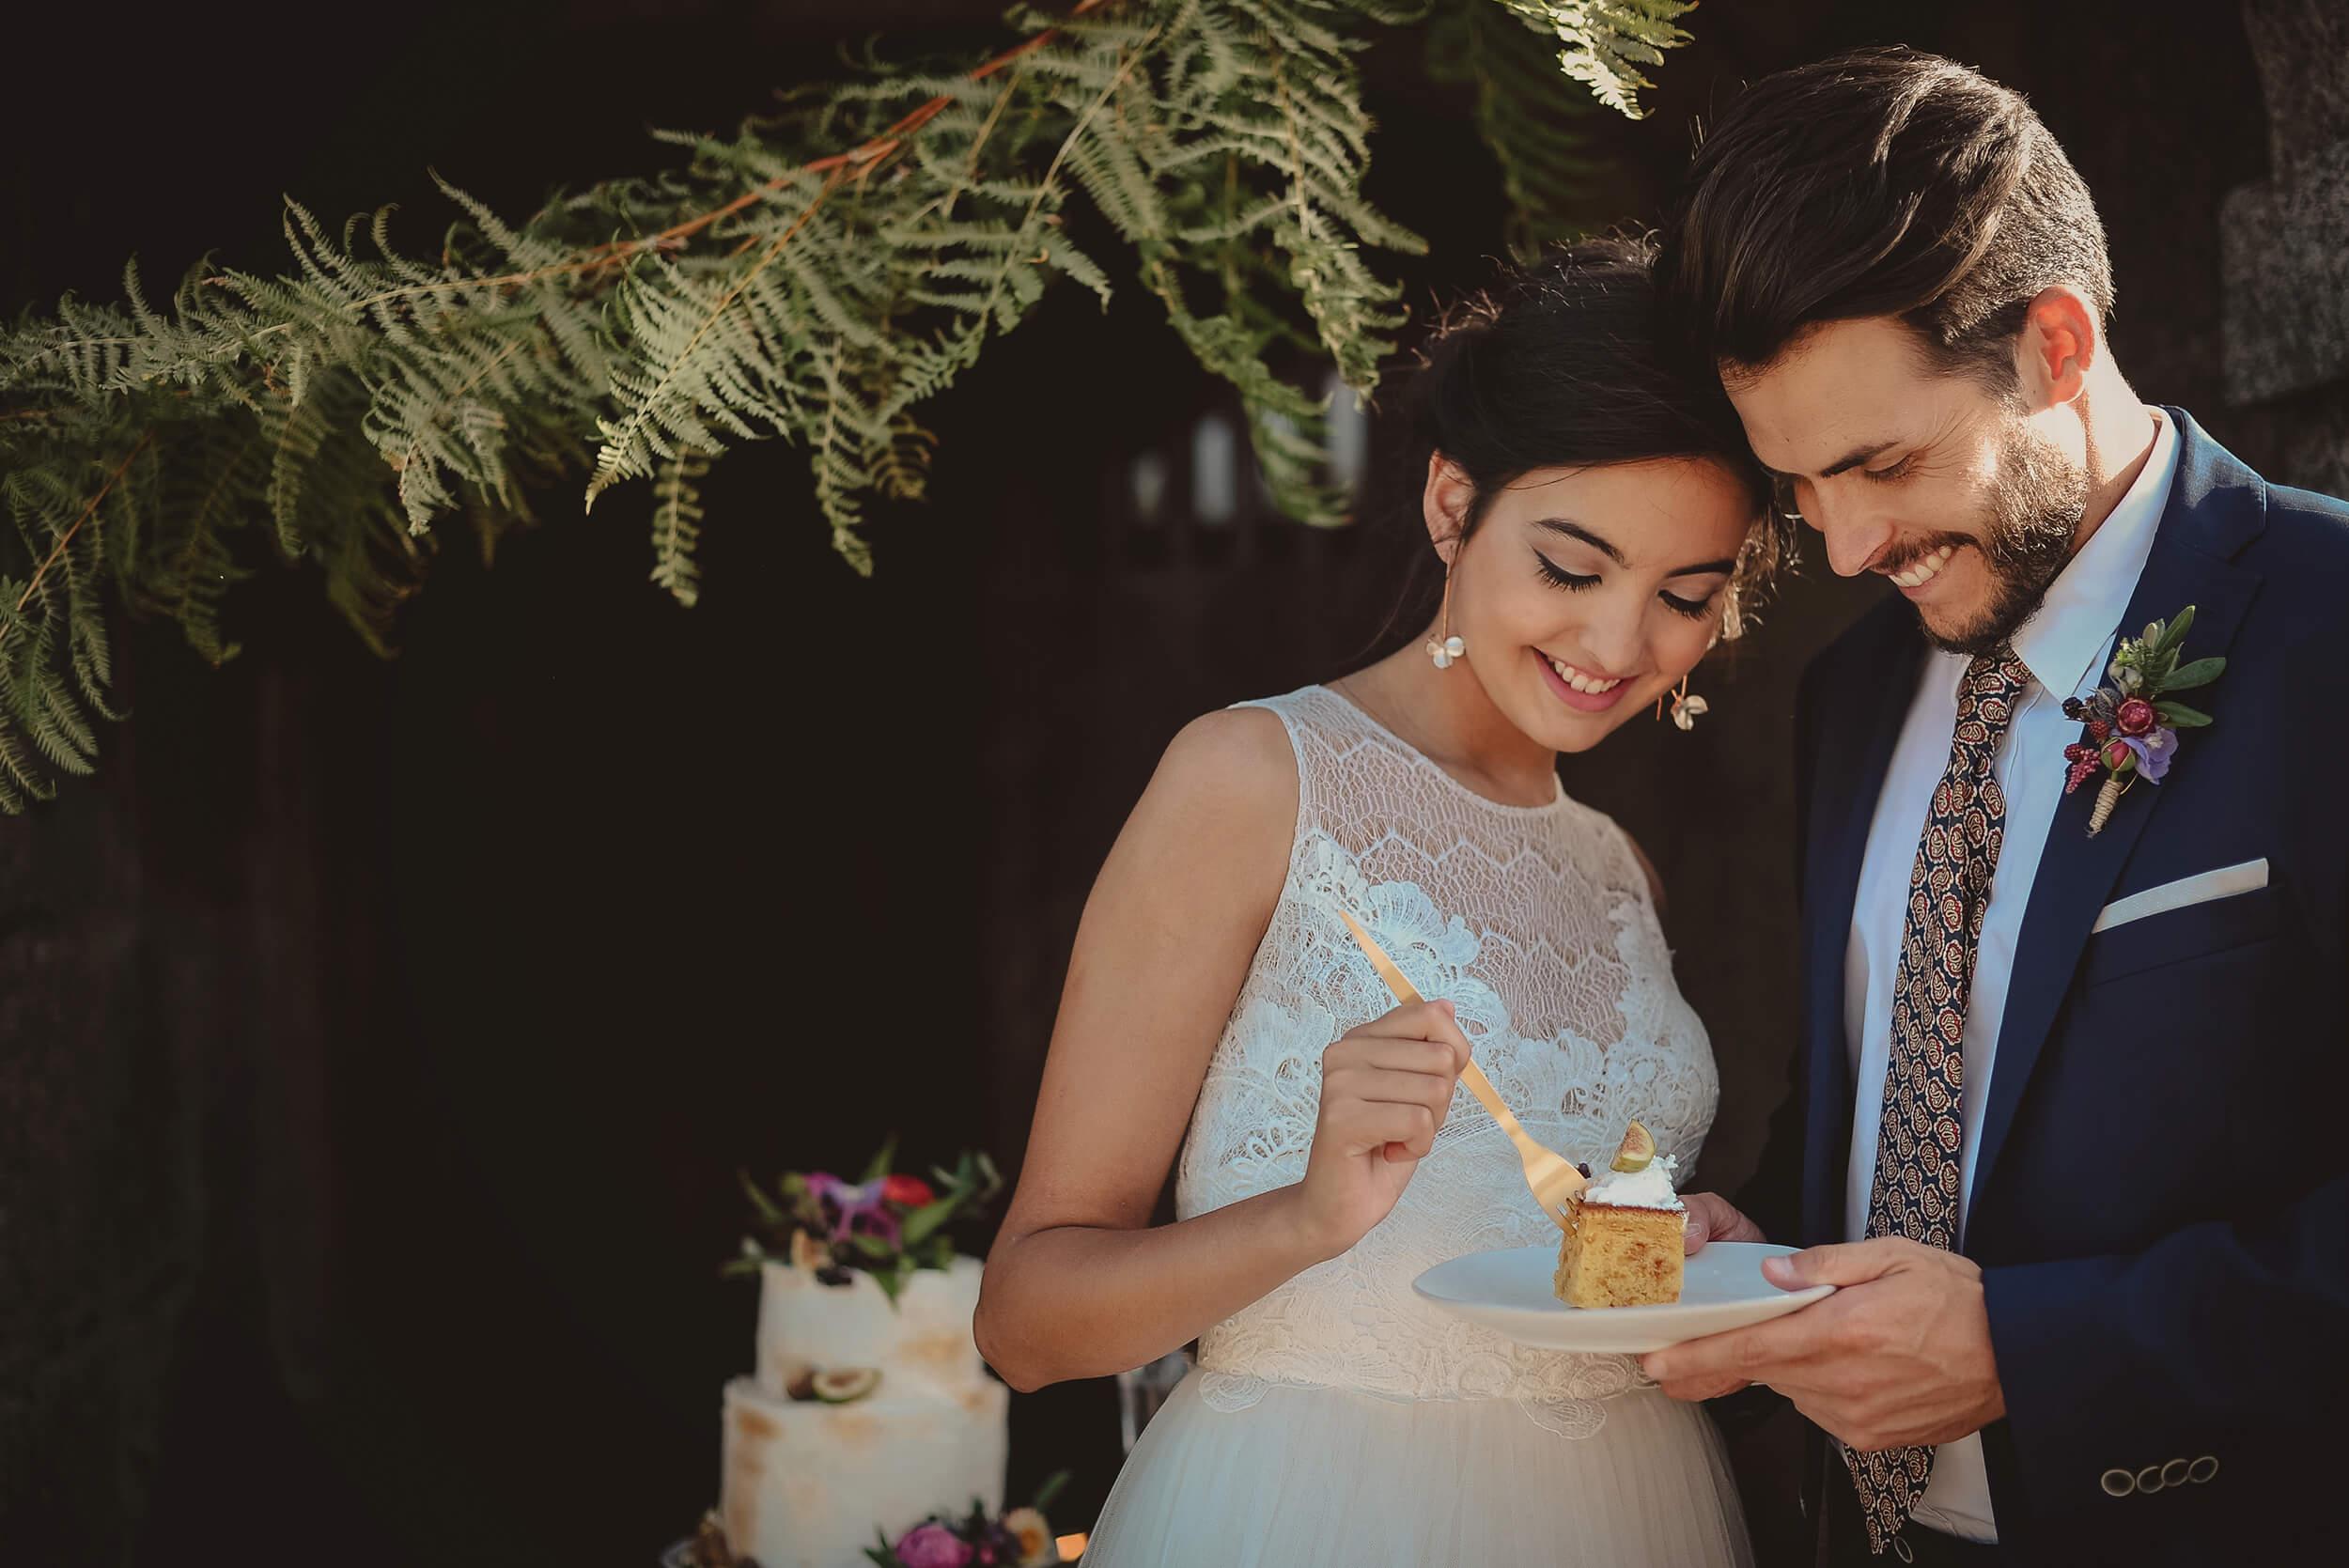 roma-organizacao-eventos-editorial-casamento-colorful-wedding-34